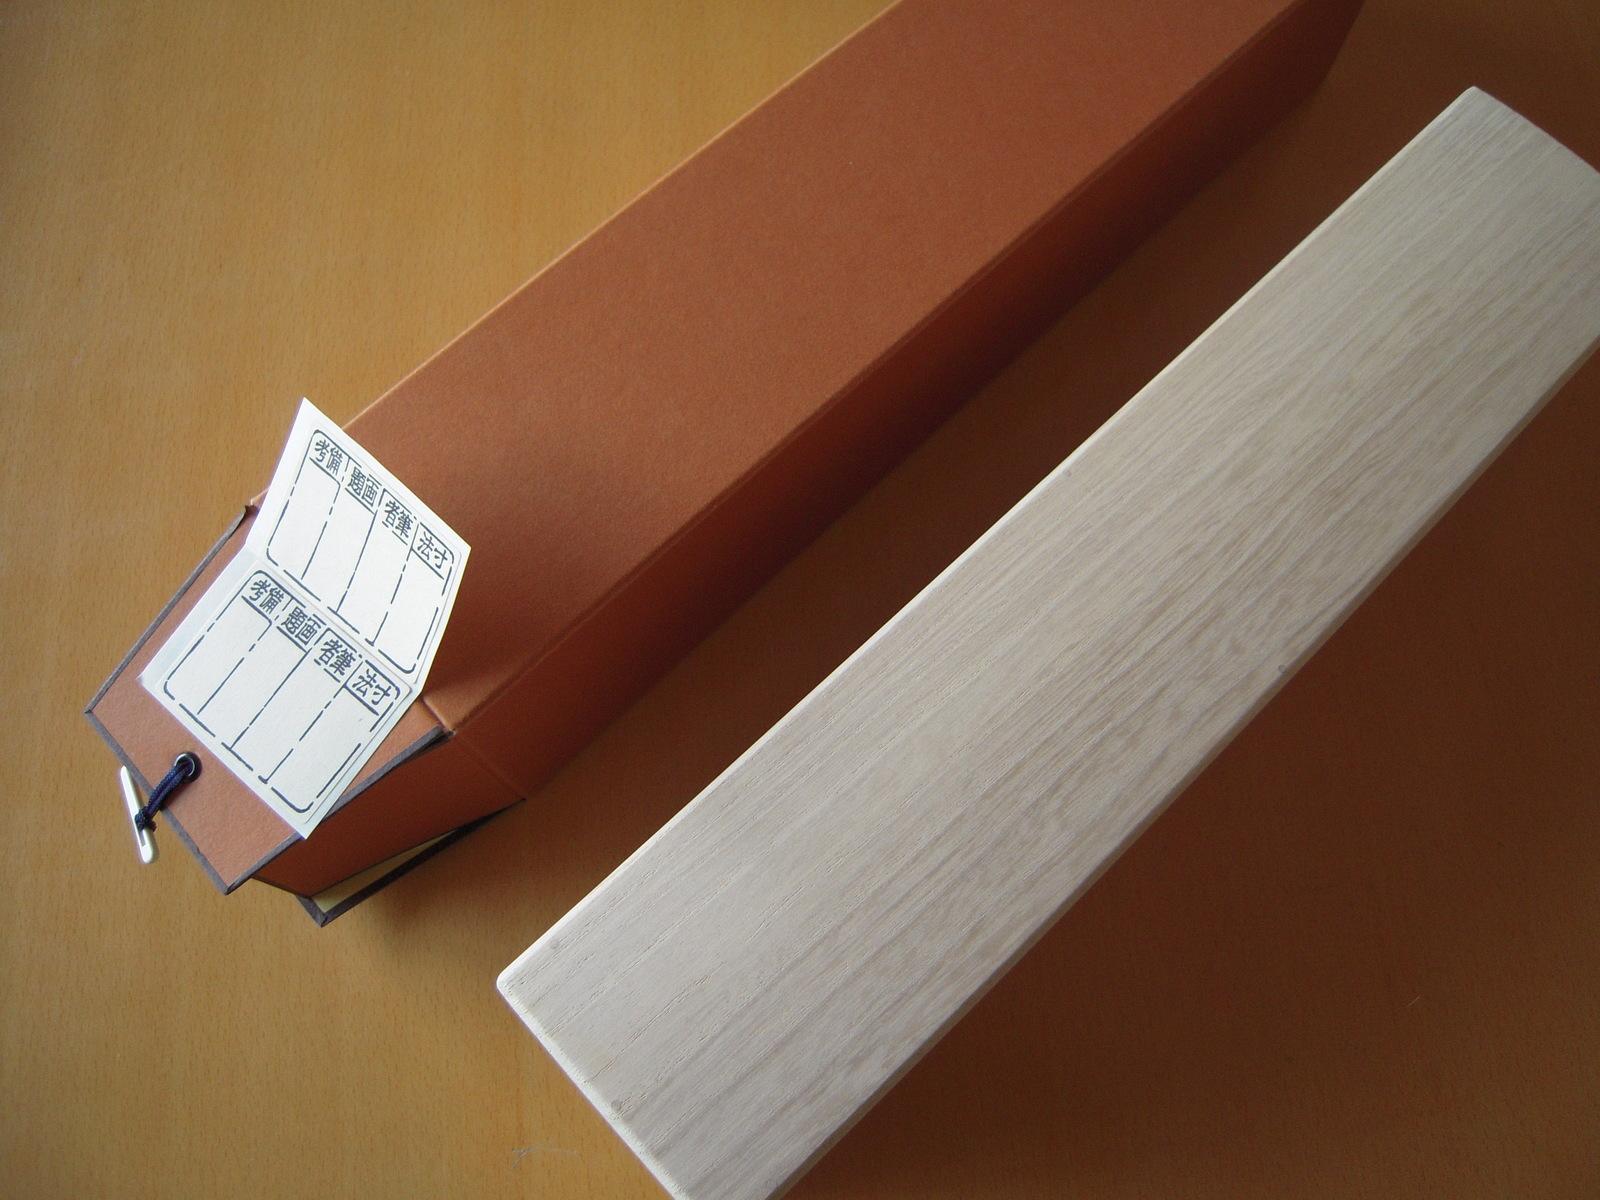 掛け軸箱 2尺8寸5分 D 贈与 863 W 60 新色追加 H 65 285 単品 国産 桐製 収納 虫除け タトウ紙 伝統工芸 賞状 手作り インテリア 軸箱 シール